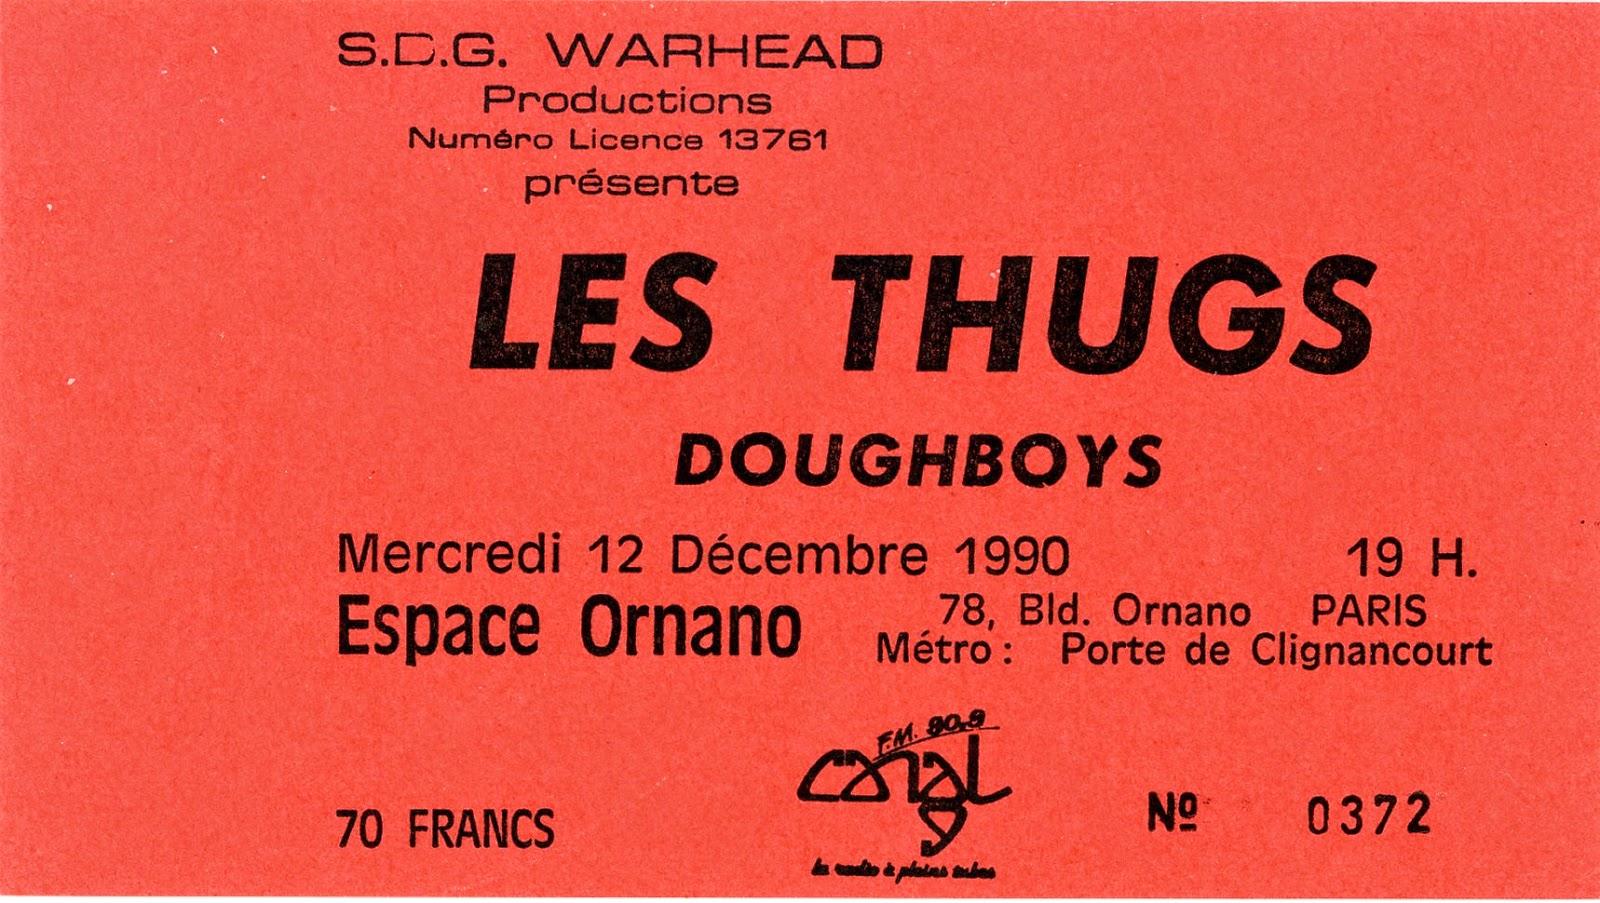 """12 decembre 1990 Doughboys, Les Thugs à Paris """"Espace Ornano"""""""